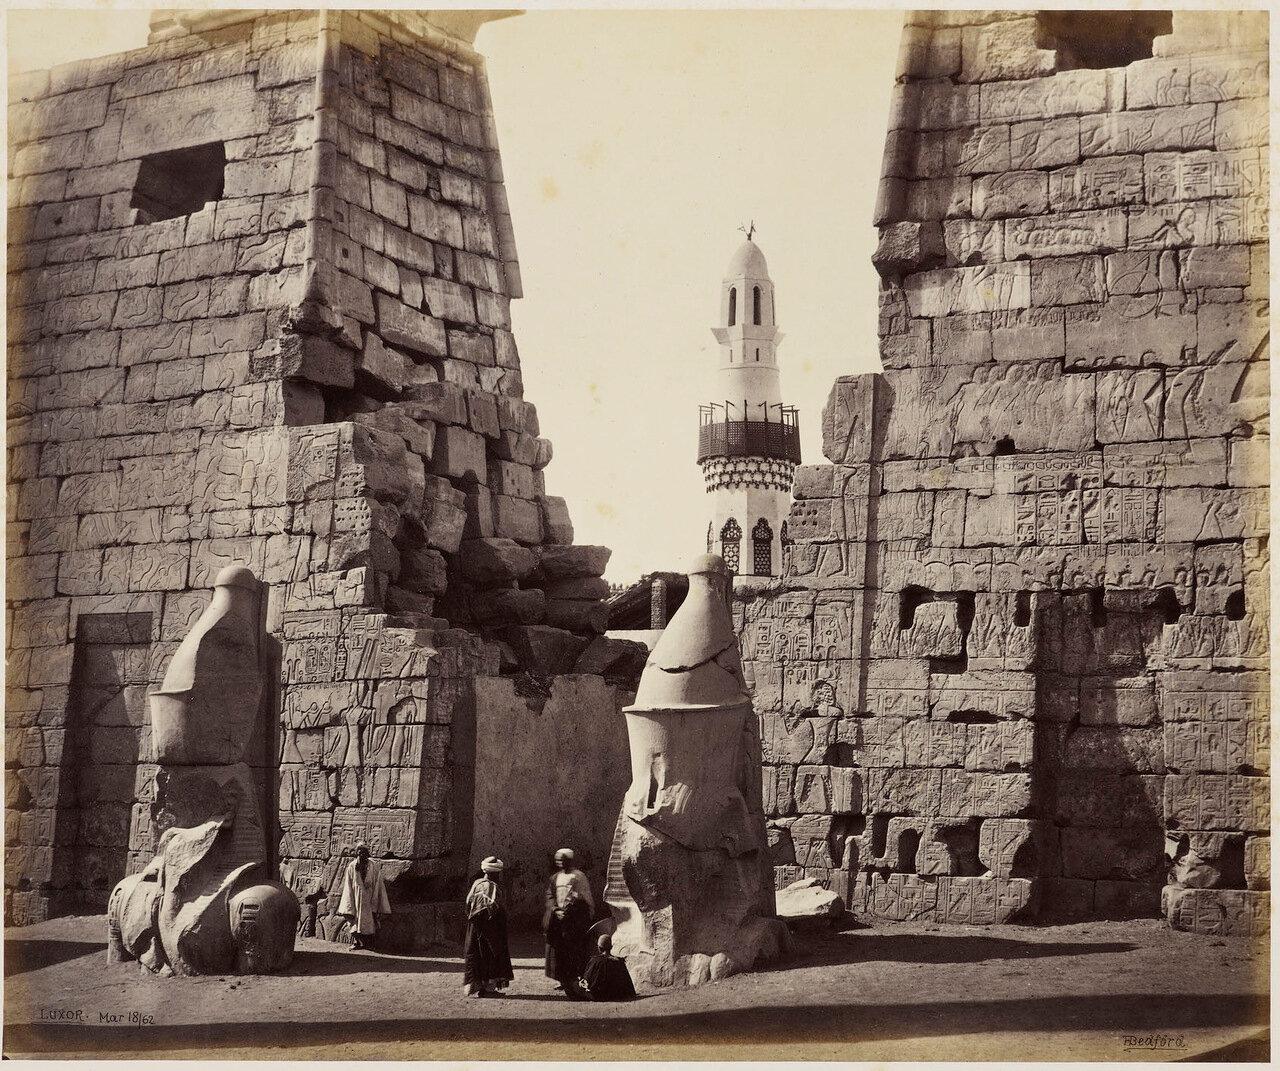 18 марта 1862. Главные Врата Луксорского храма